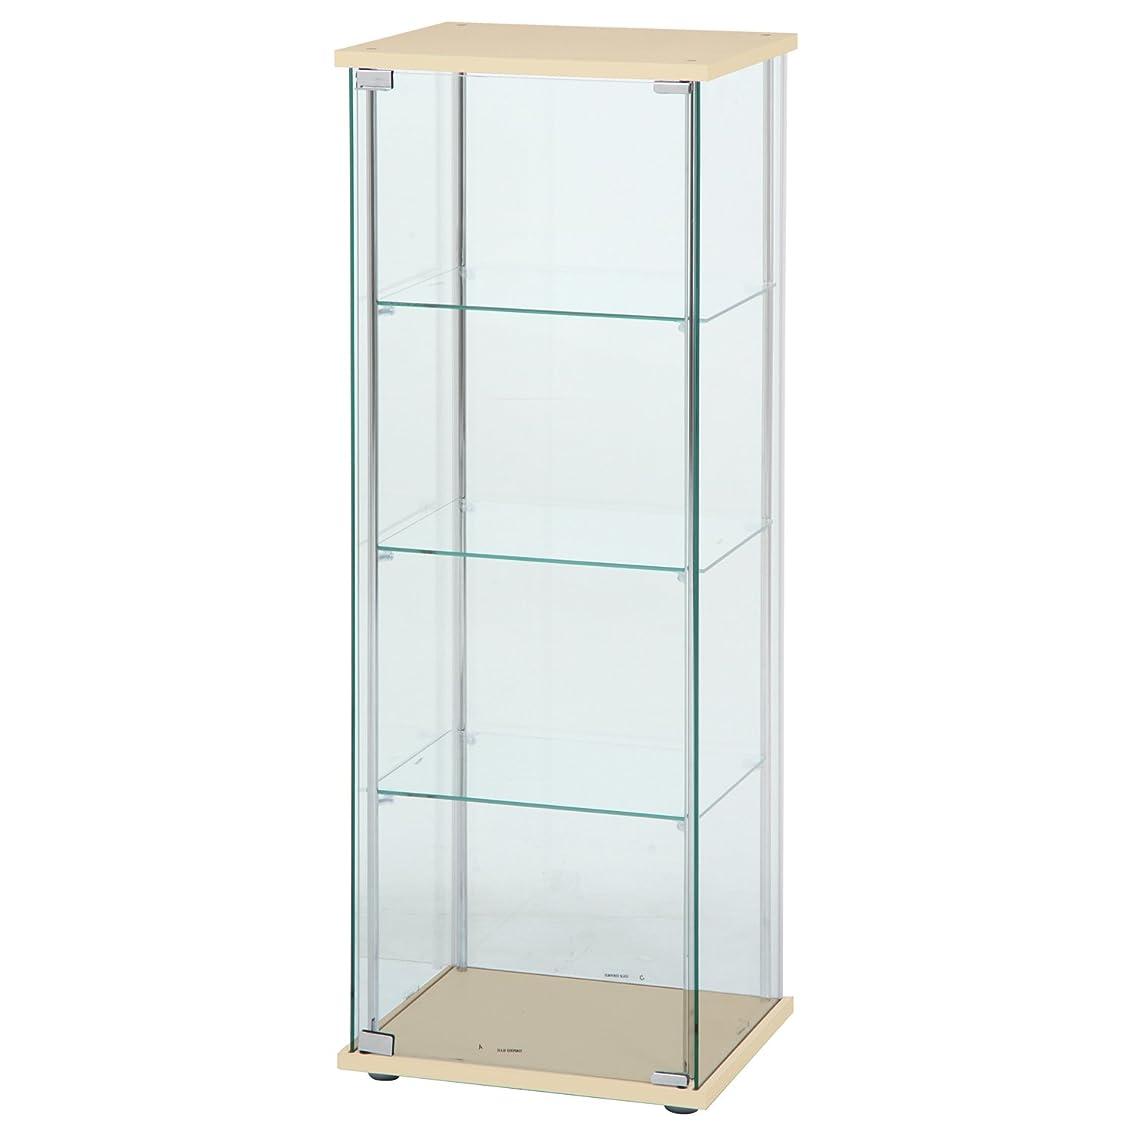 極地風刺あざ不二貿易 ガラスコレクションケース 4段ロータイプ 幅42.5?高さ120cm ナチュラル